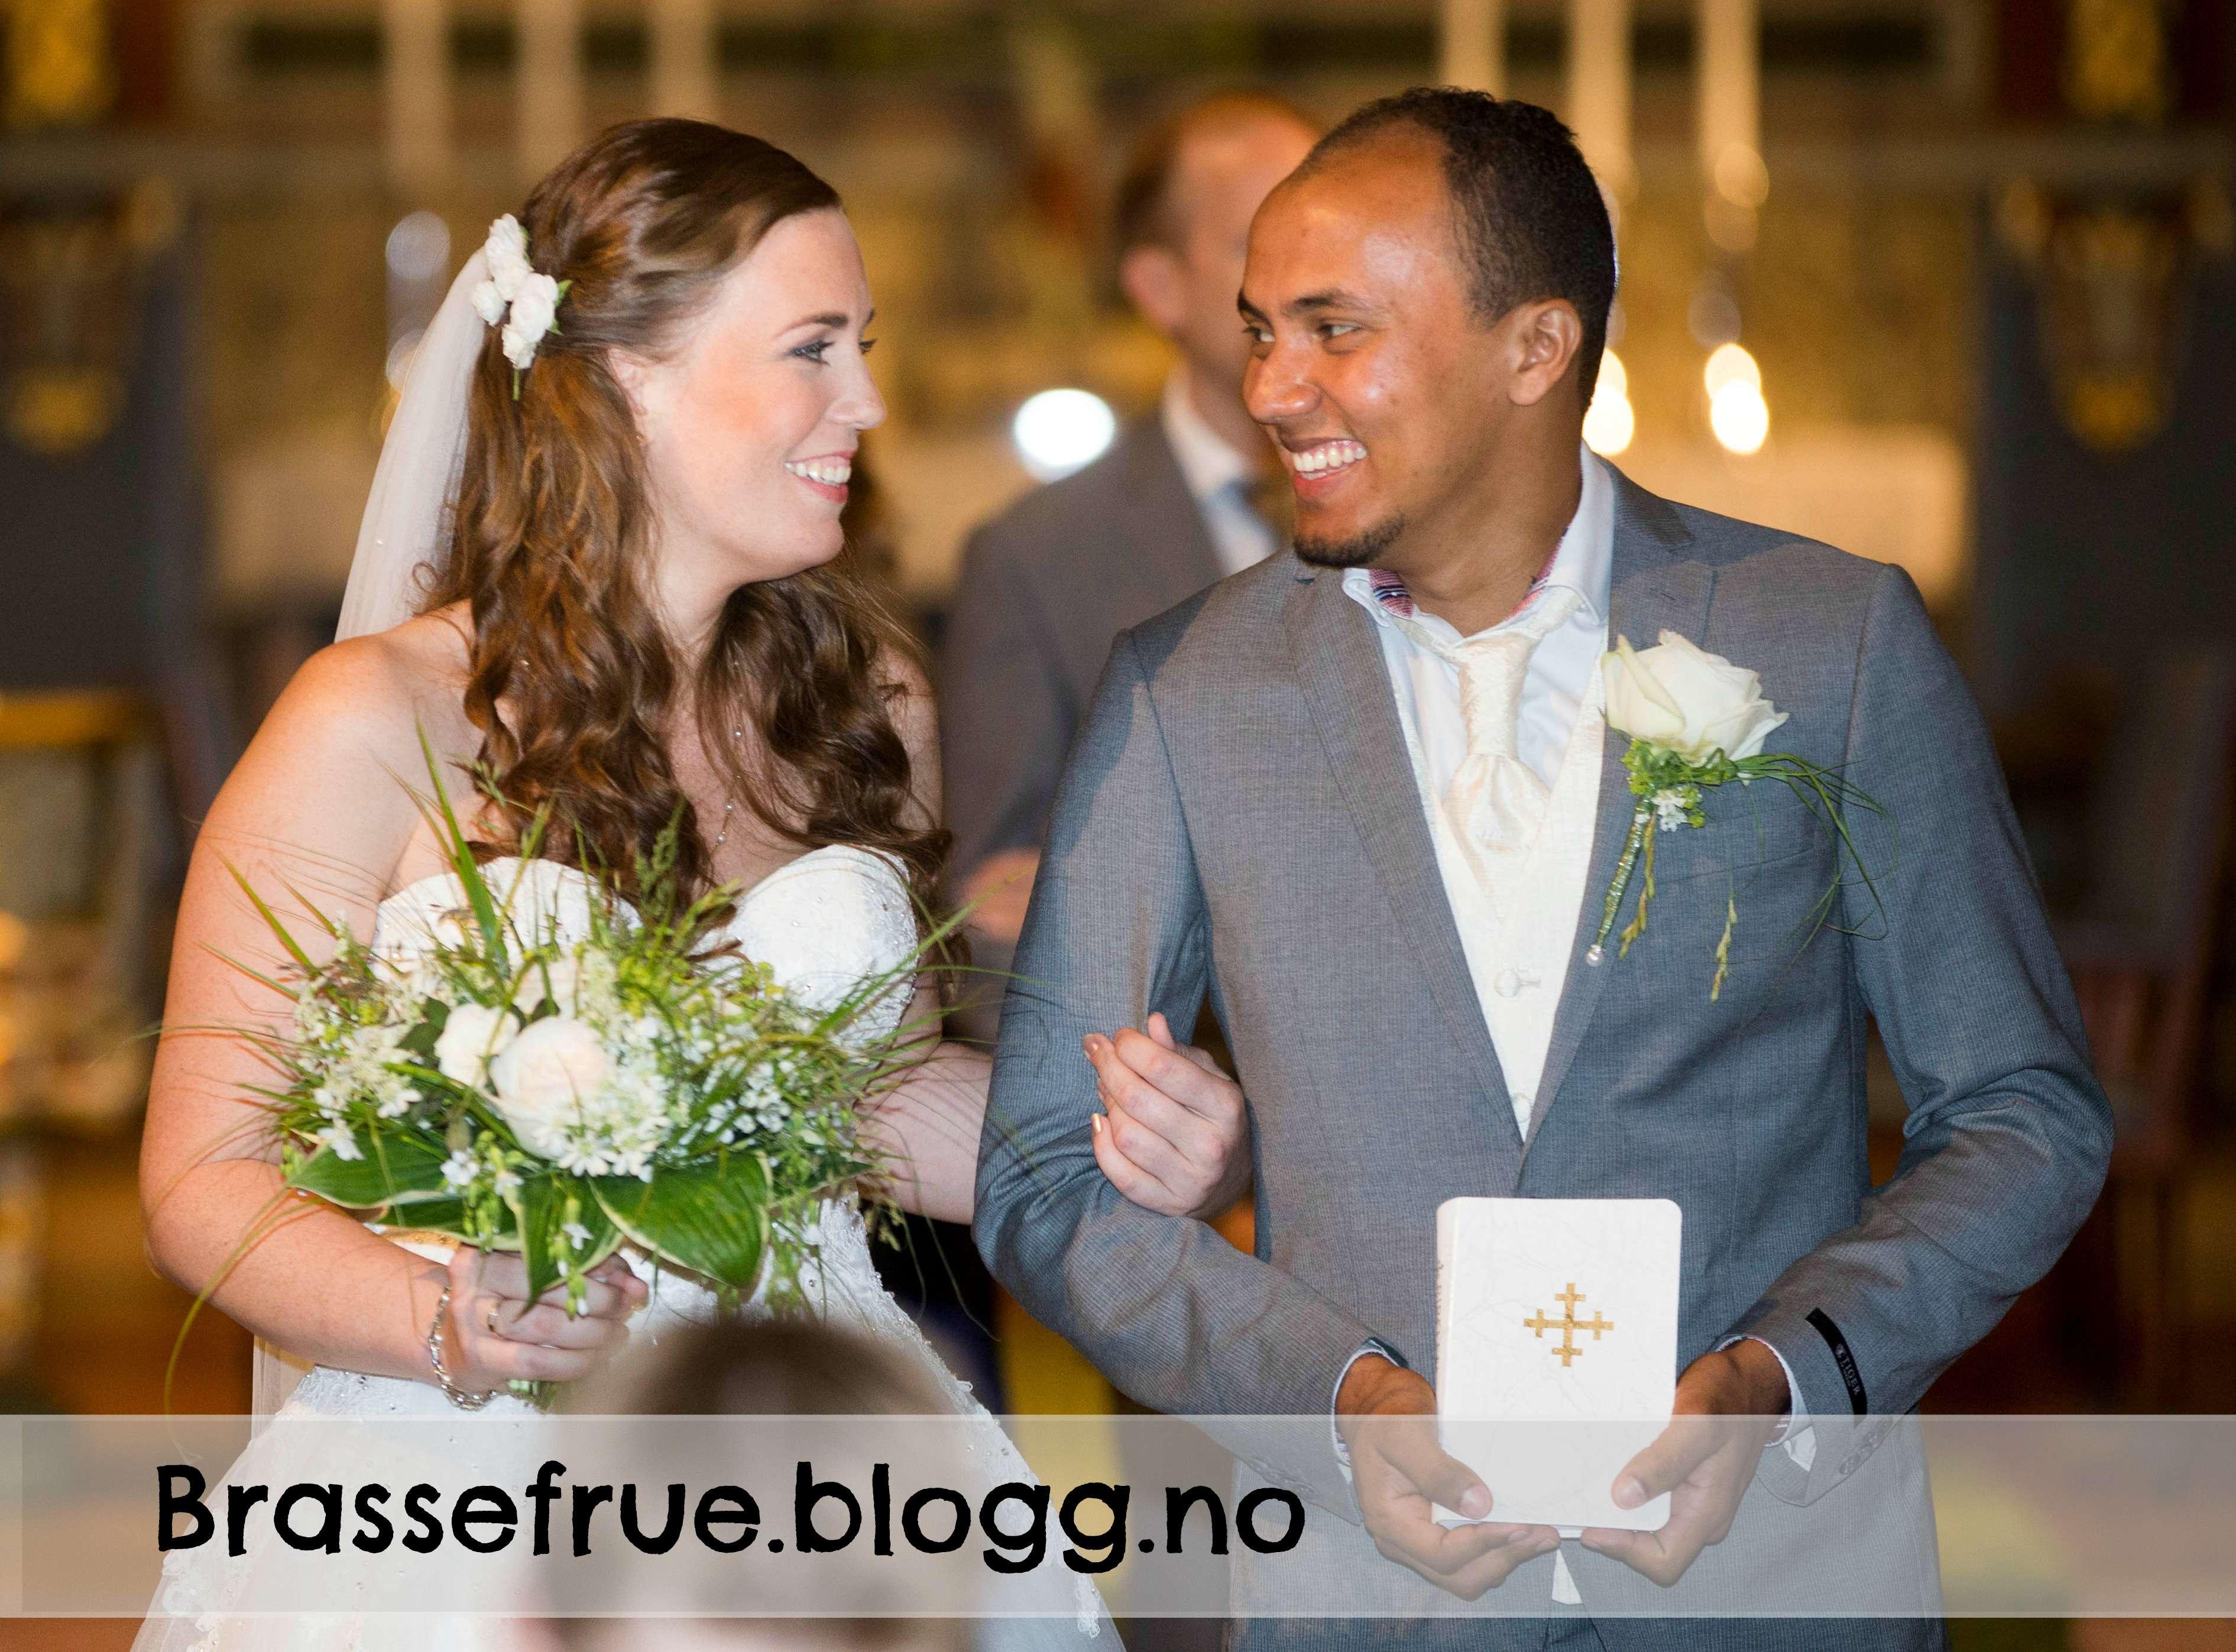 http://brassefrue.blogg.no/1445284020_graviditet_og_planene.html